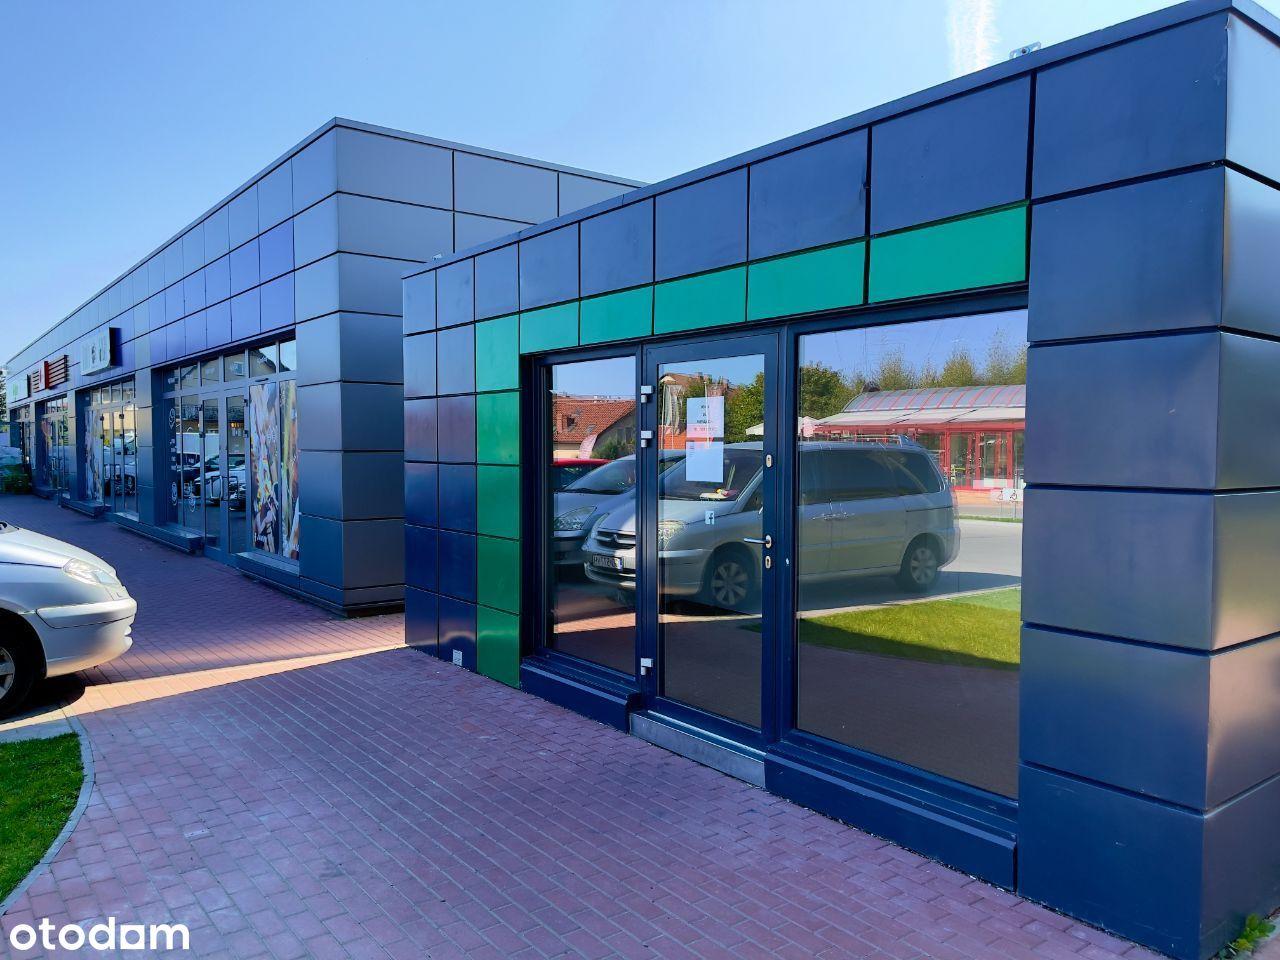 Lokal usługowy - Centrum handlowe Jasień Gdańsk